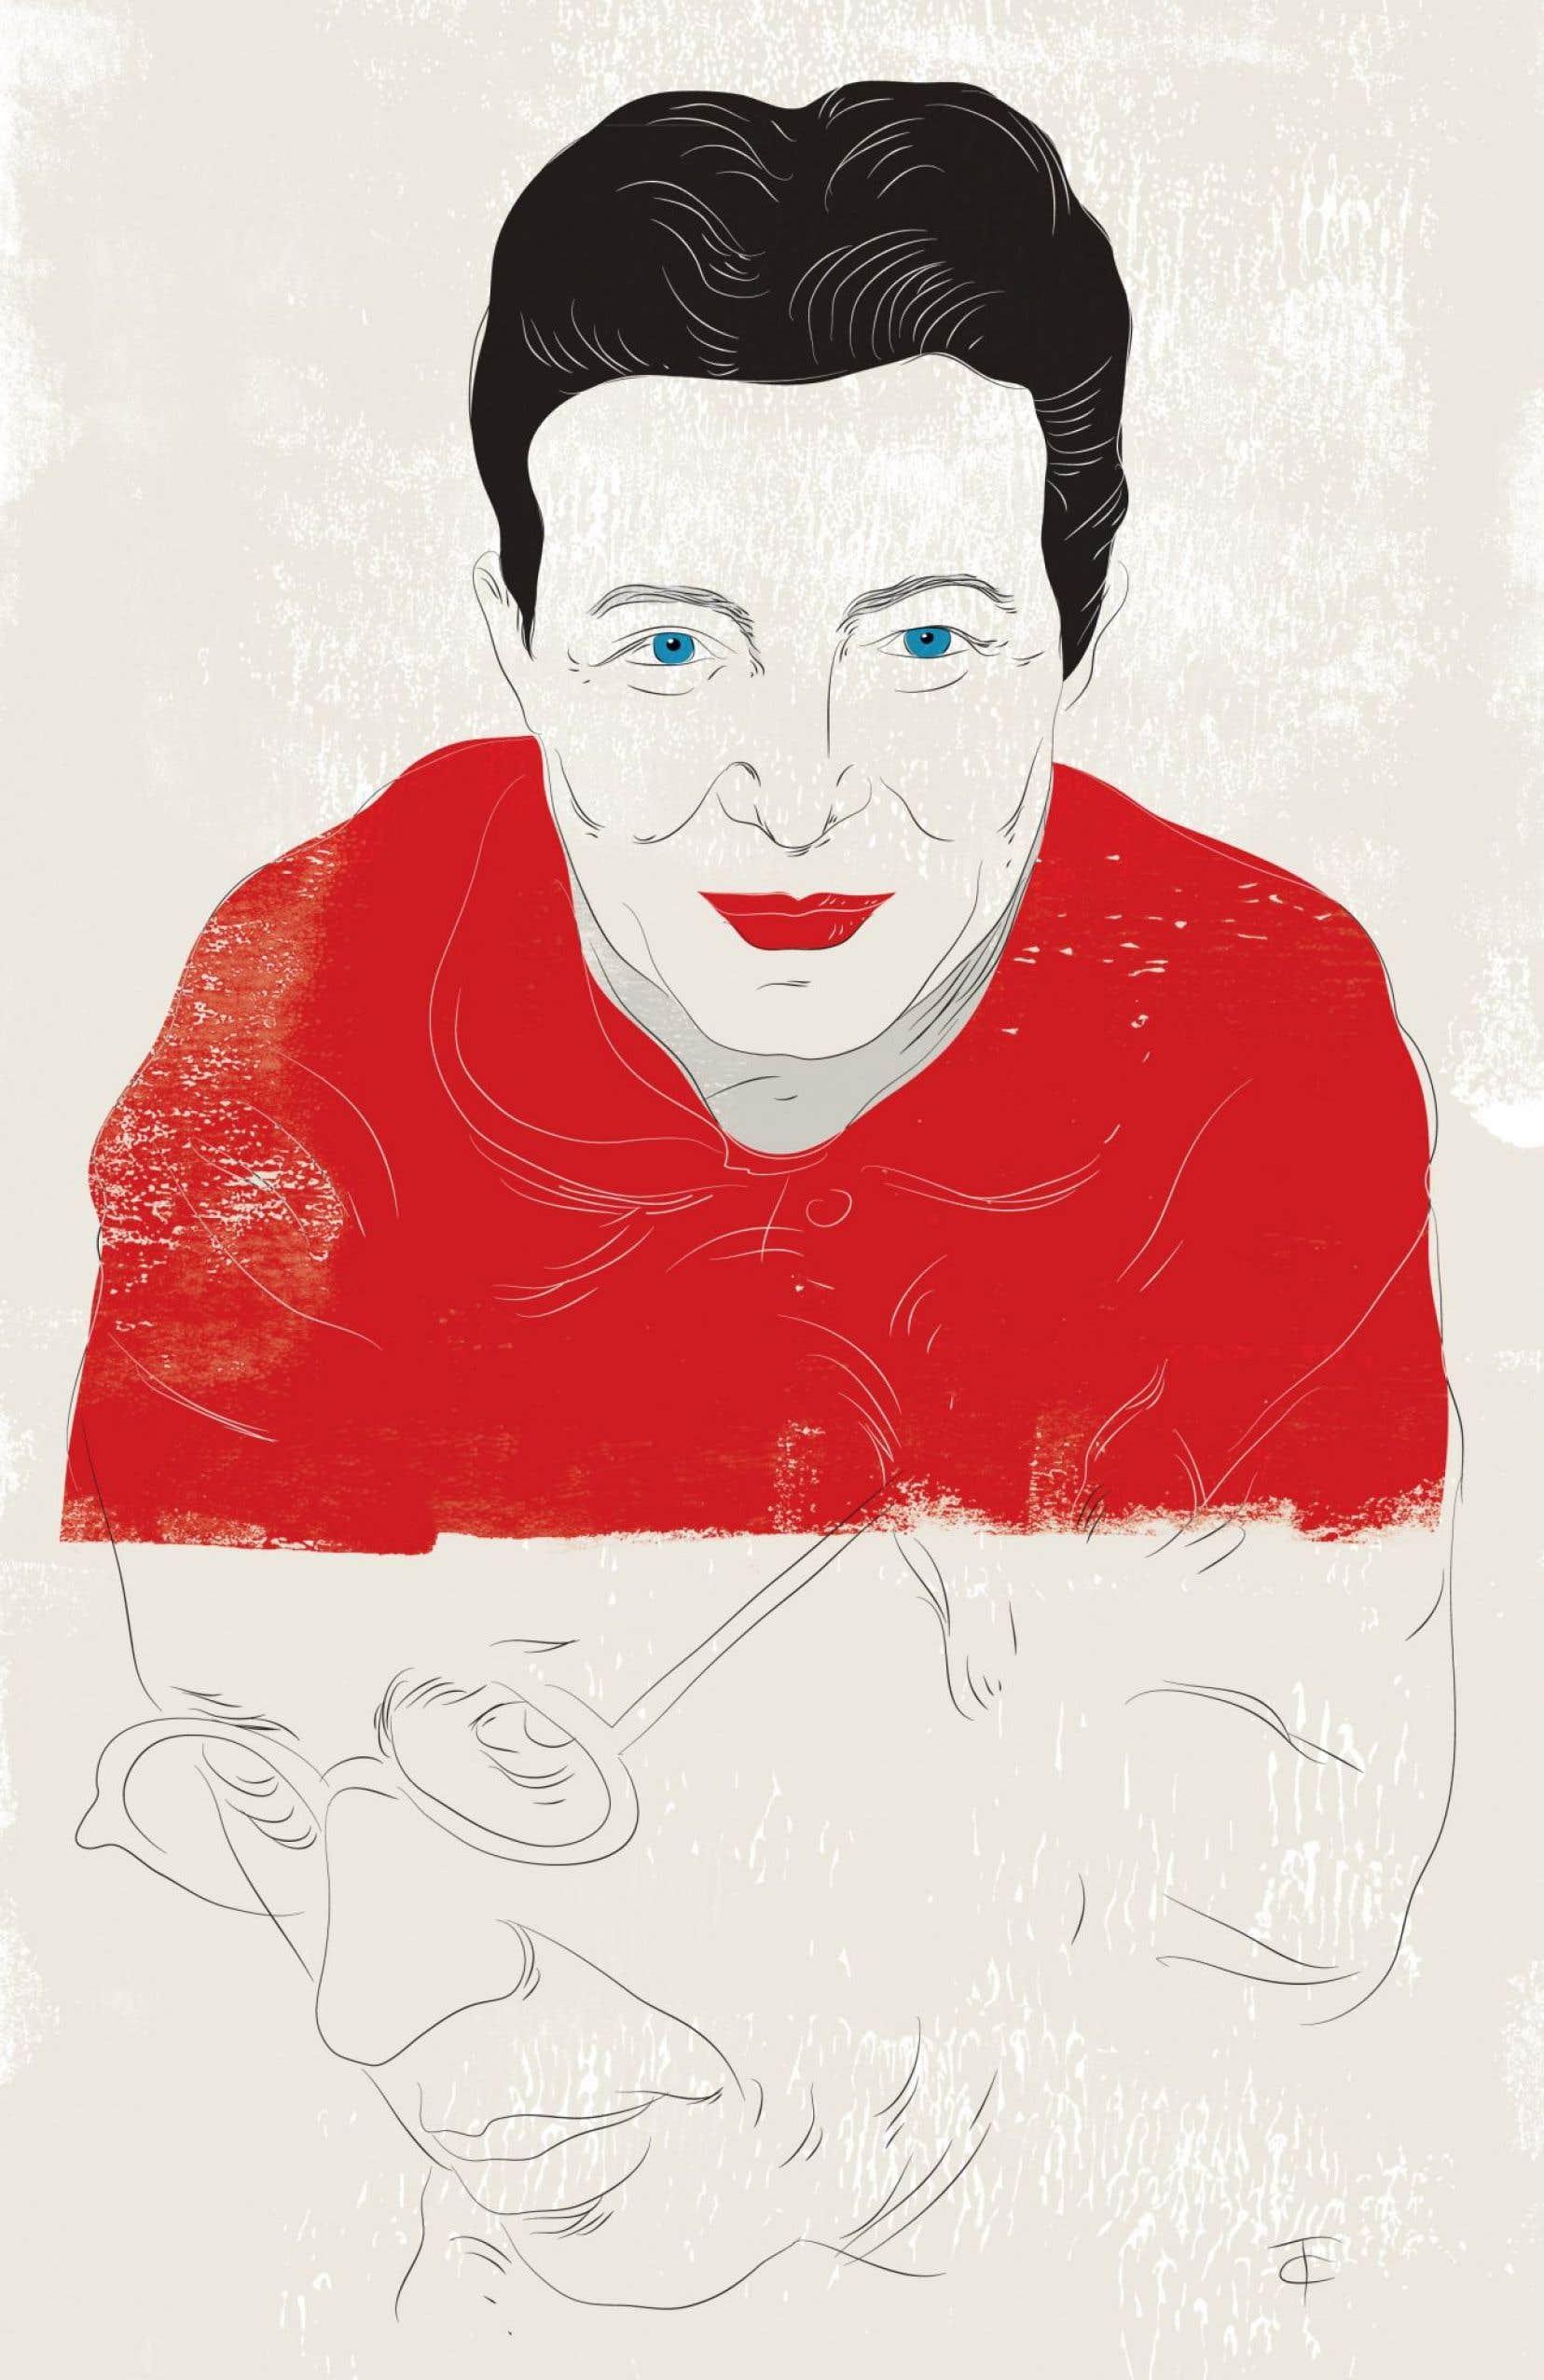 La philosophe Simone de Beauvoir a indéniablement marqué les rapports sociaux de sexe de son empreinte de femme libre.